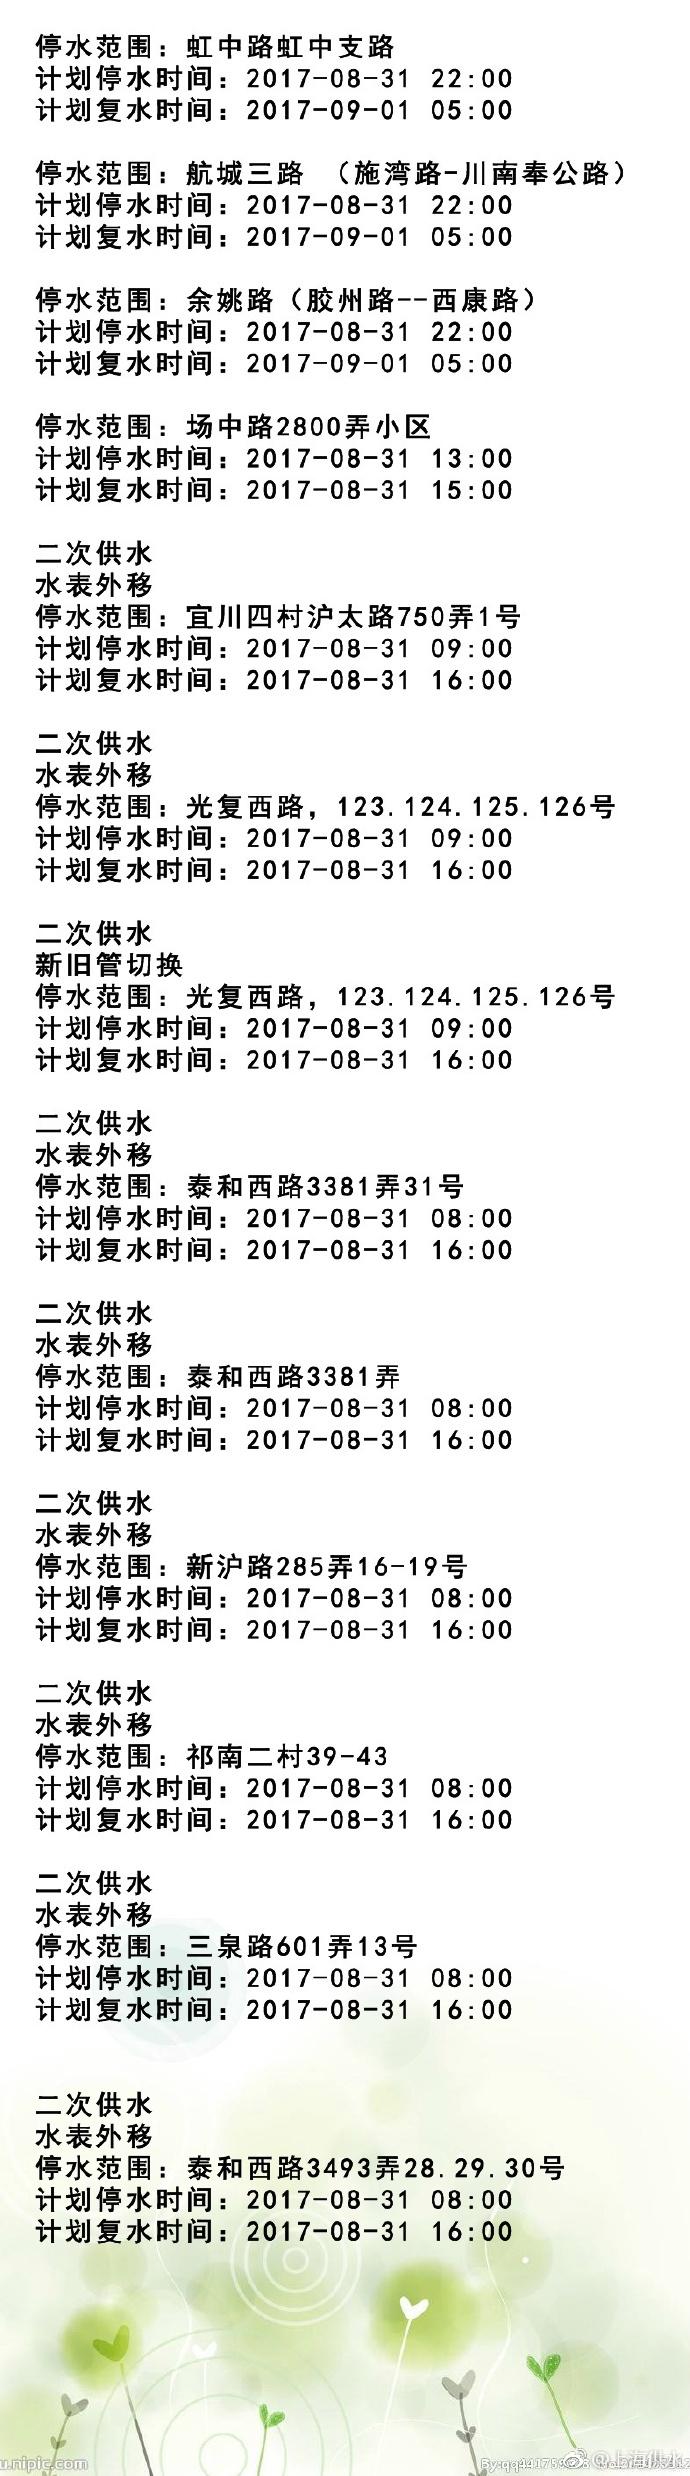 2017年8月31日上海停水通知及停水路段查询